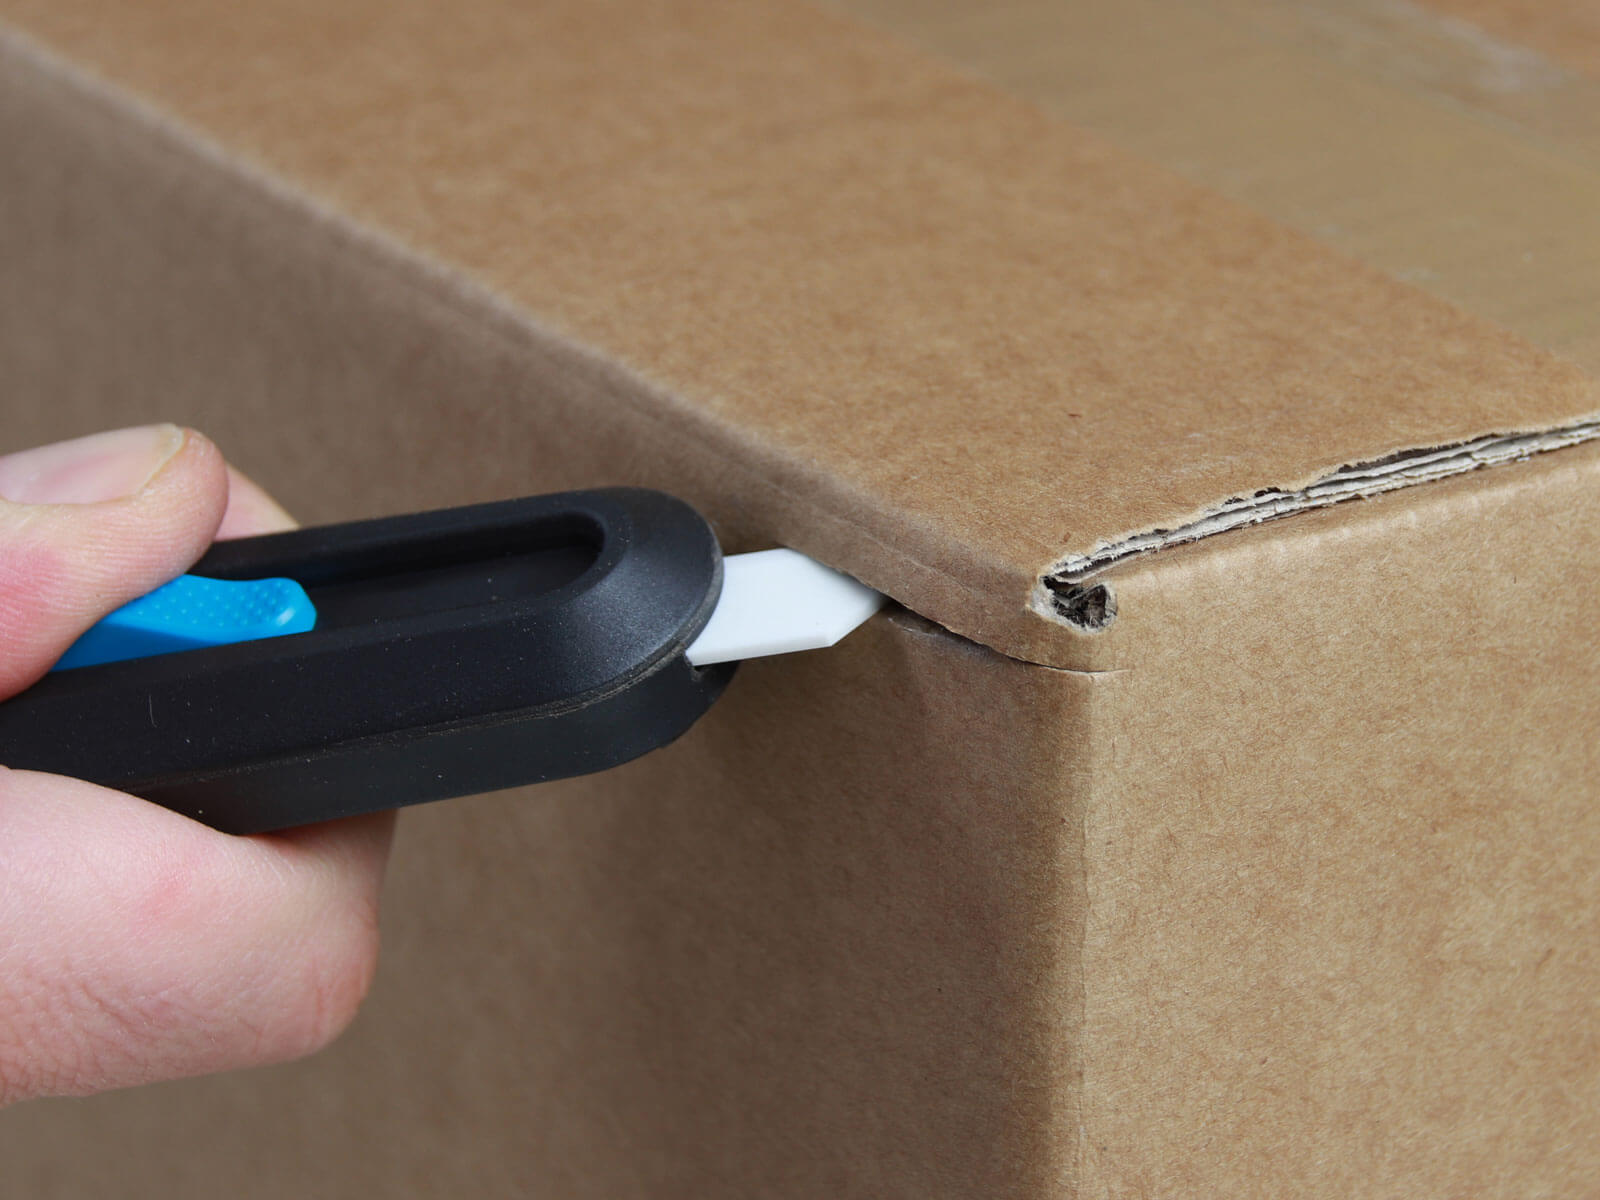 U10558K Keramik Sicherheitsmesser vollautomatischer Klingenrückzug Karton schneiden abdeckeln CURT-tools